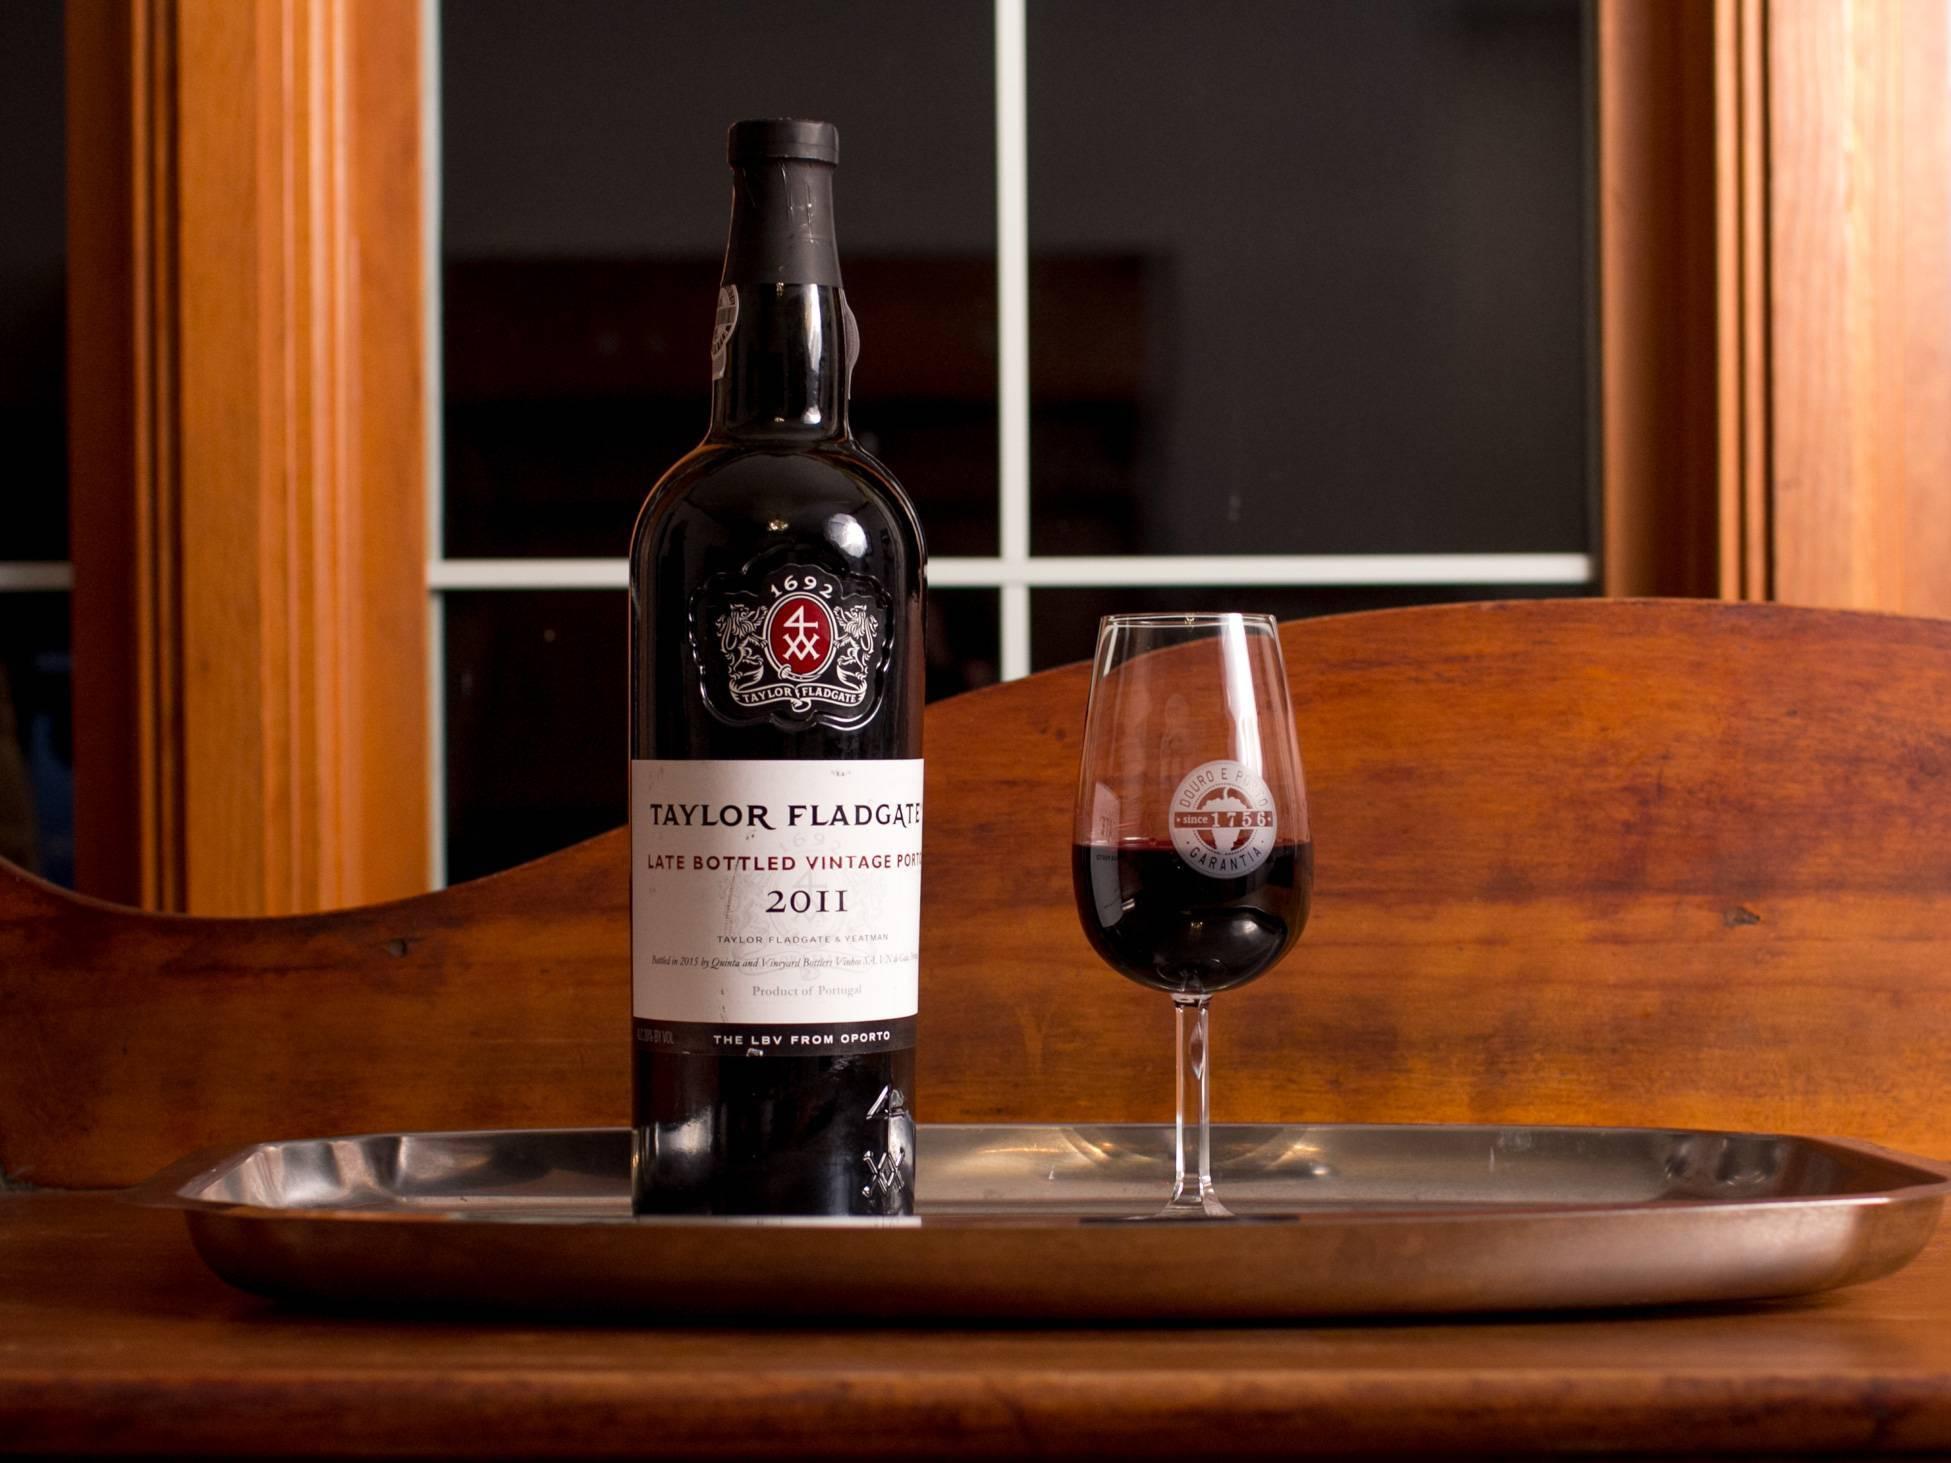 Портвейн португальский: что это такое, виды, состав и свойства напитка, как правильно употреблять